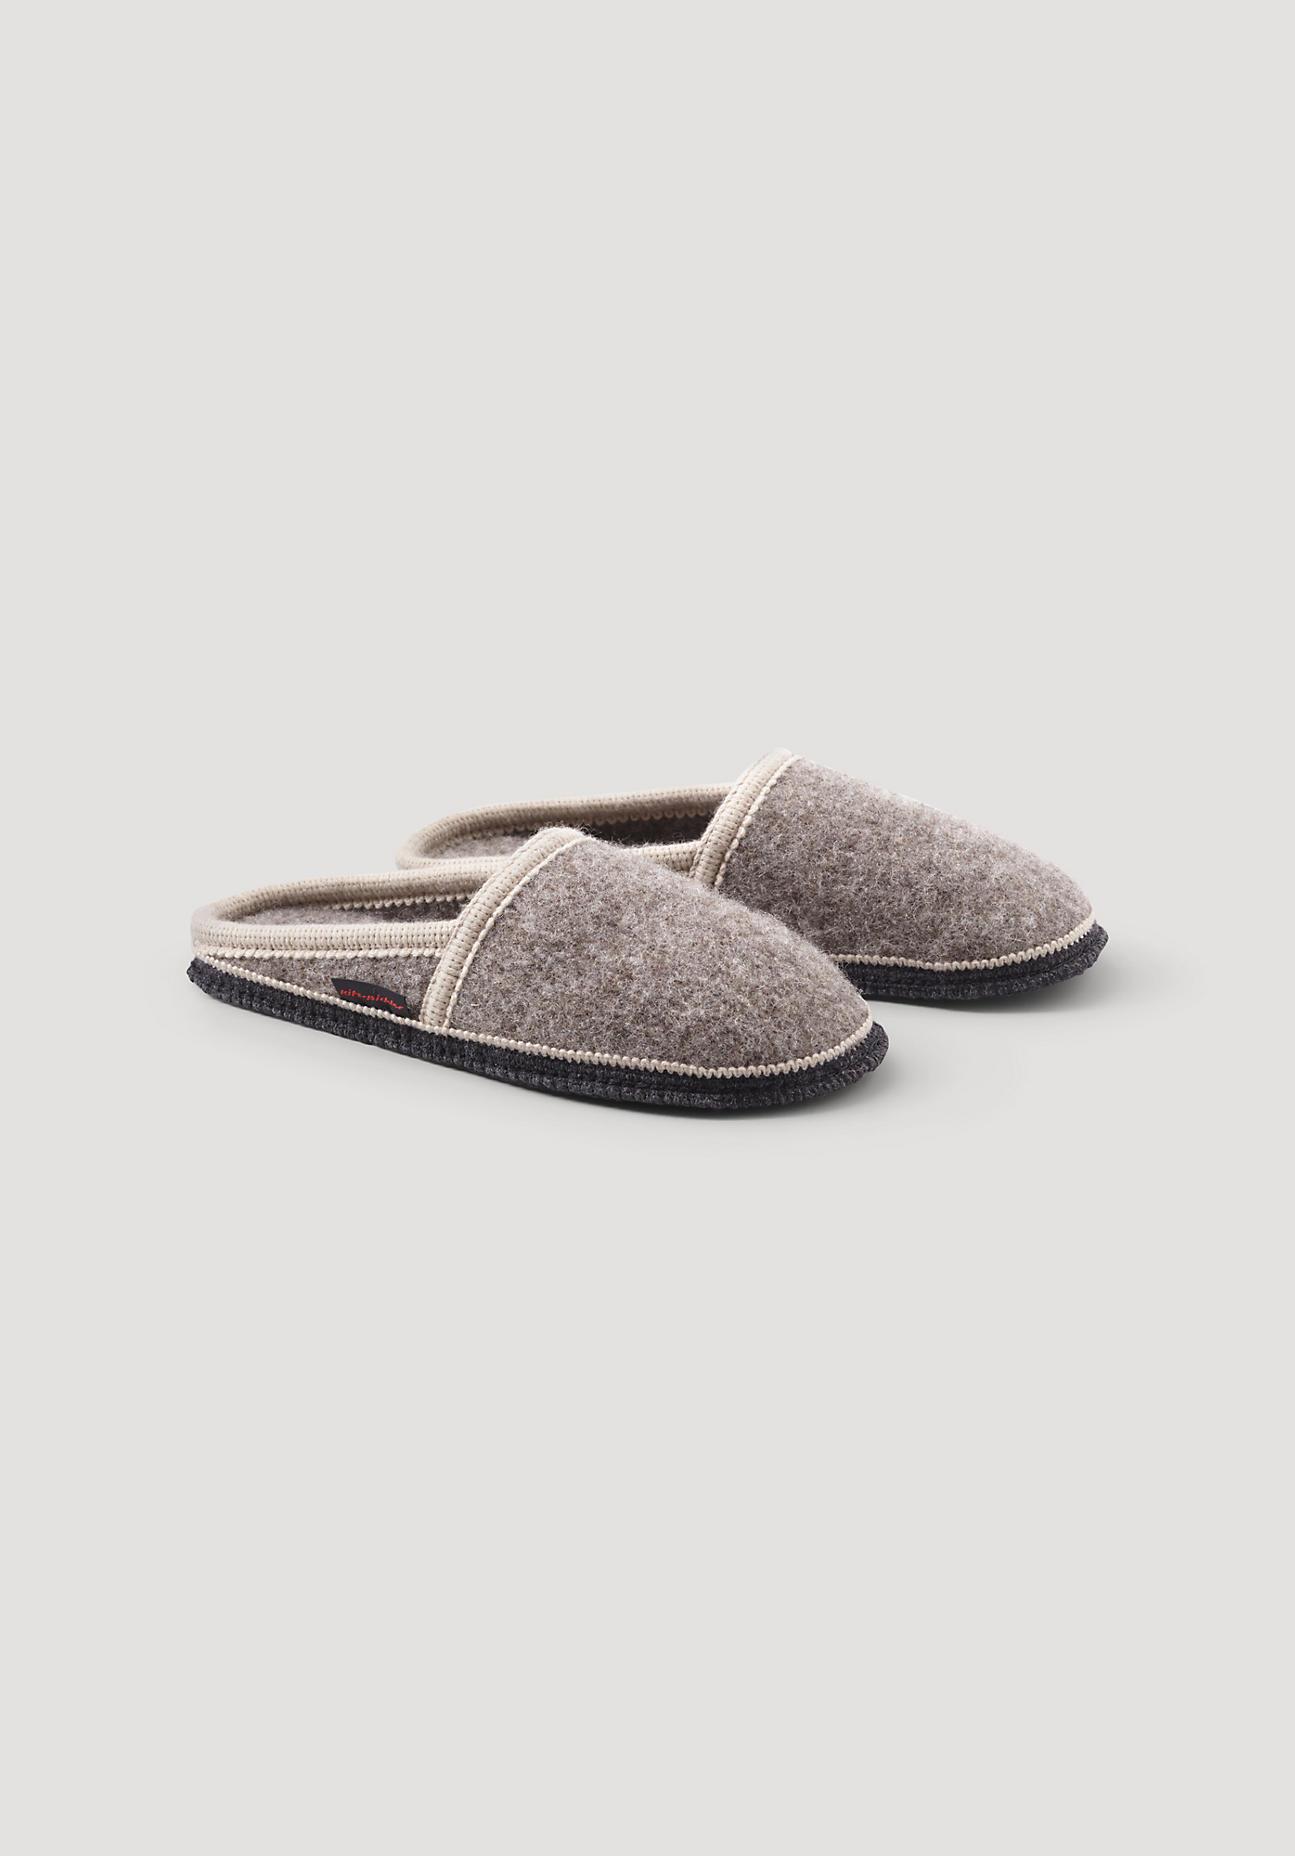 hessnatur Hausschuhe Pantoffel aus Schurwolle für Sie und Ihn – braun – Größe 44 | Schuhe > Hausschuhe > Pantoffeln | Steinnuss | hessnatur